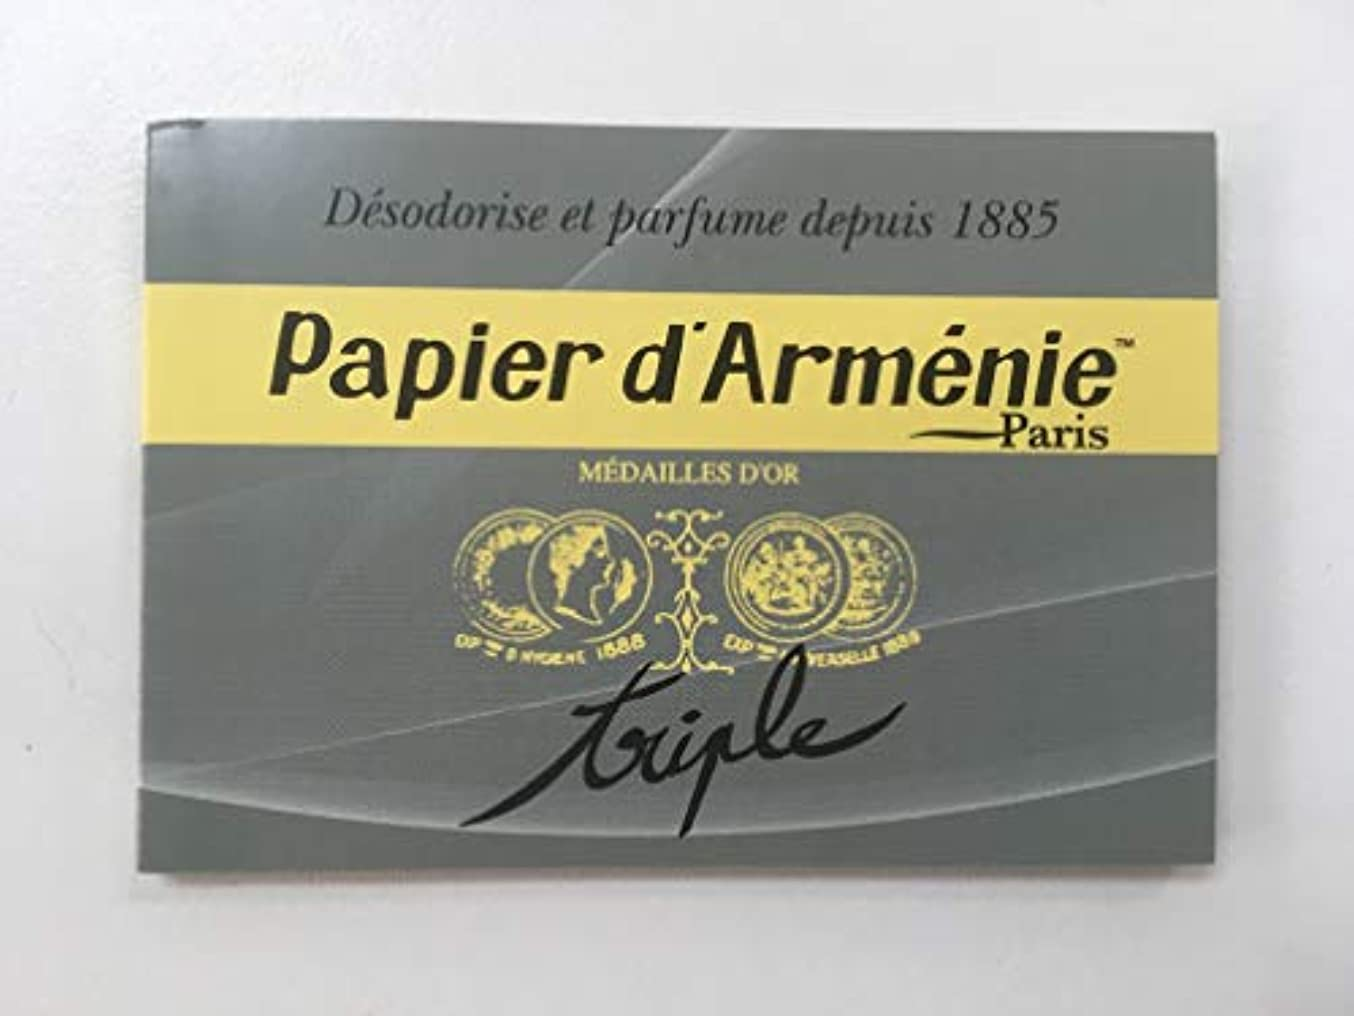 資本子供時代クルーズパピエダルメニイ 空気を浄化する紙のお香パピエダルメニイ トリプル ヨーロッパ雑貨